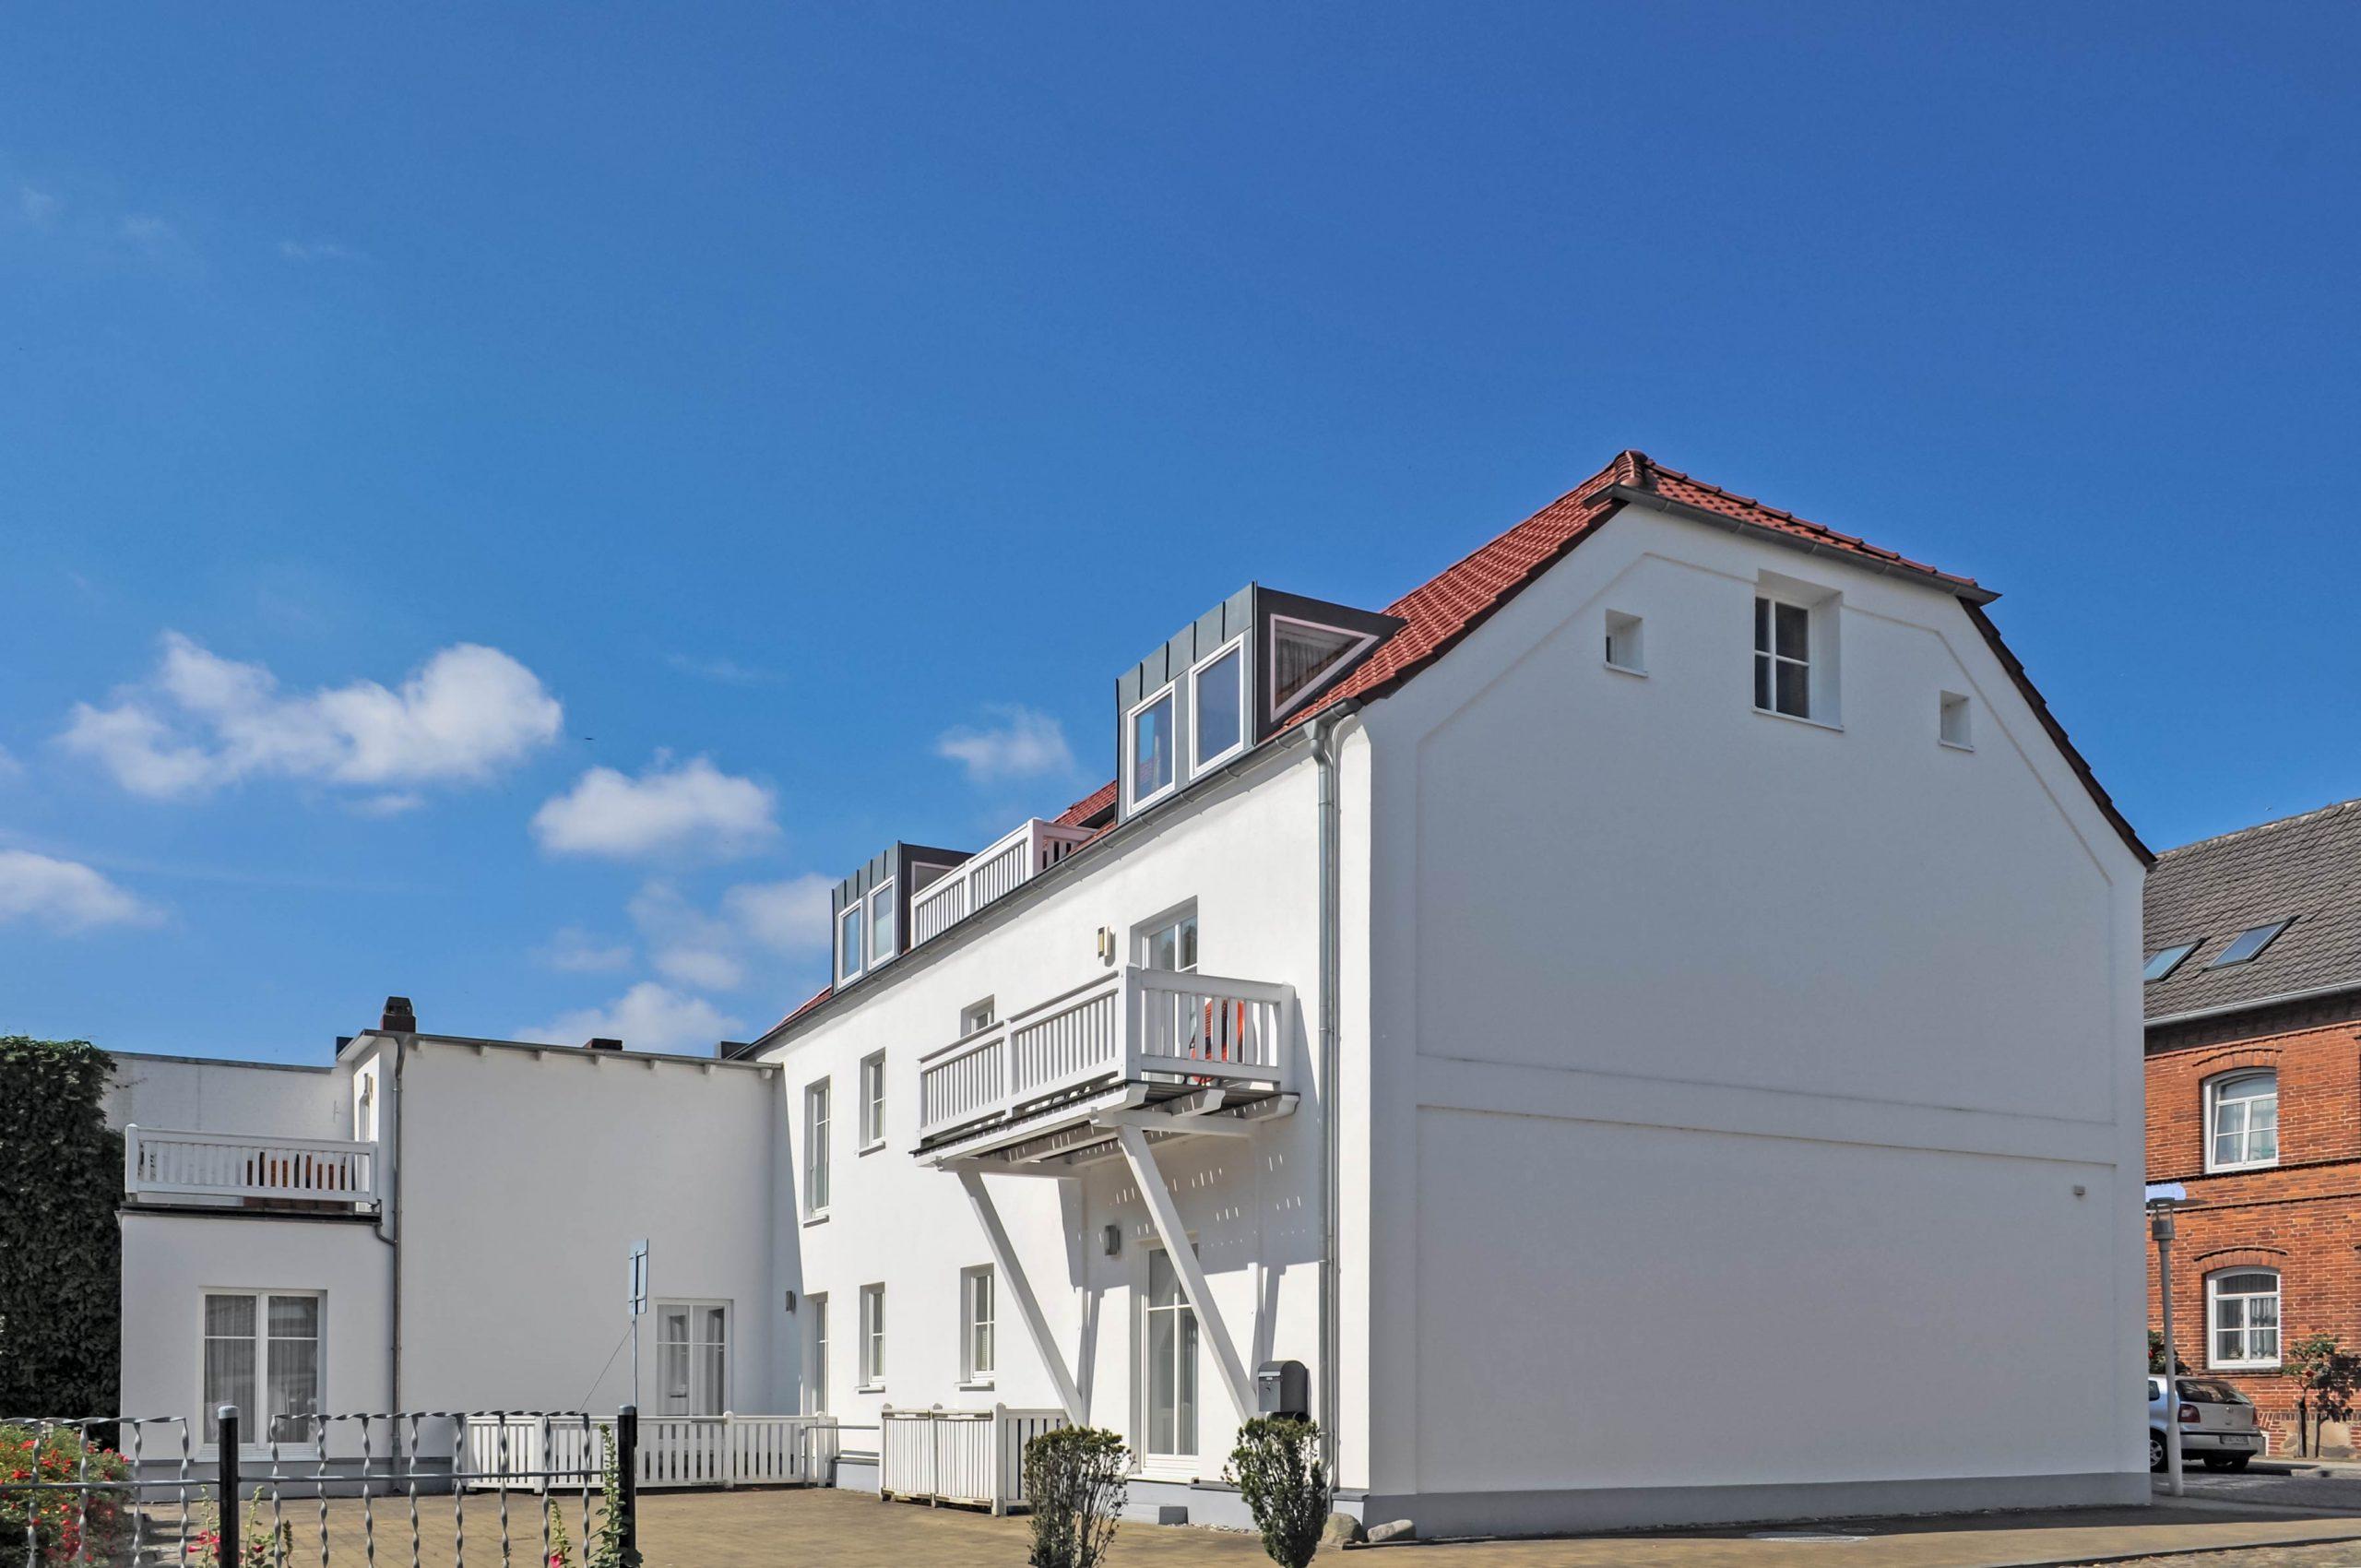 Ferienhaus Louise, Putbus